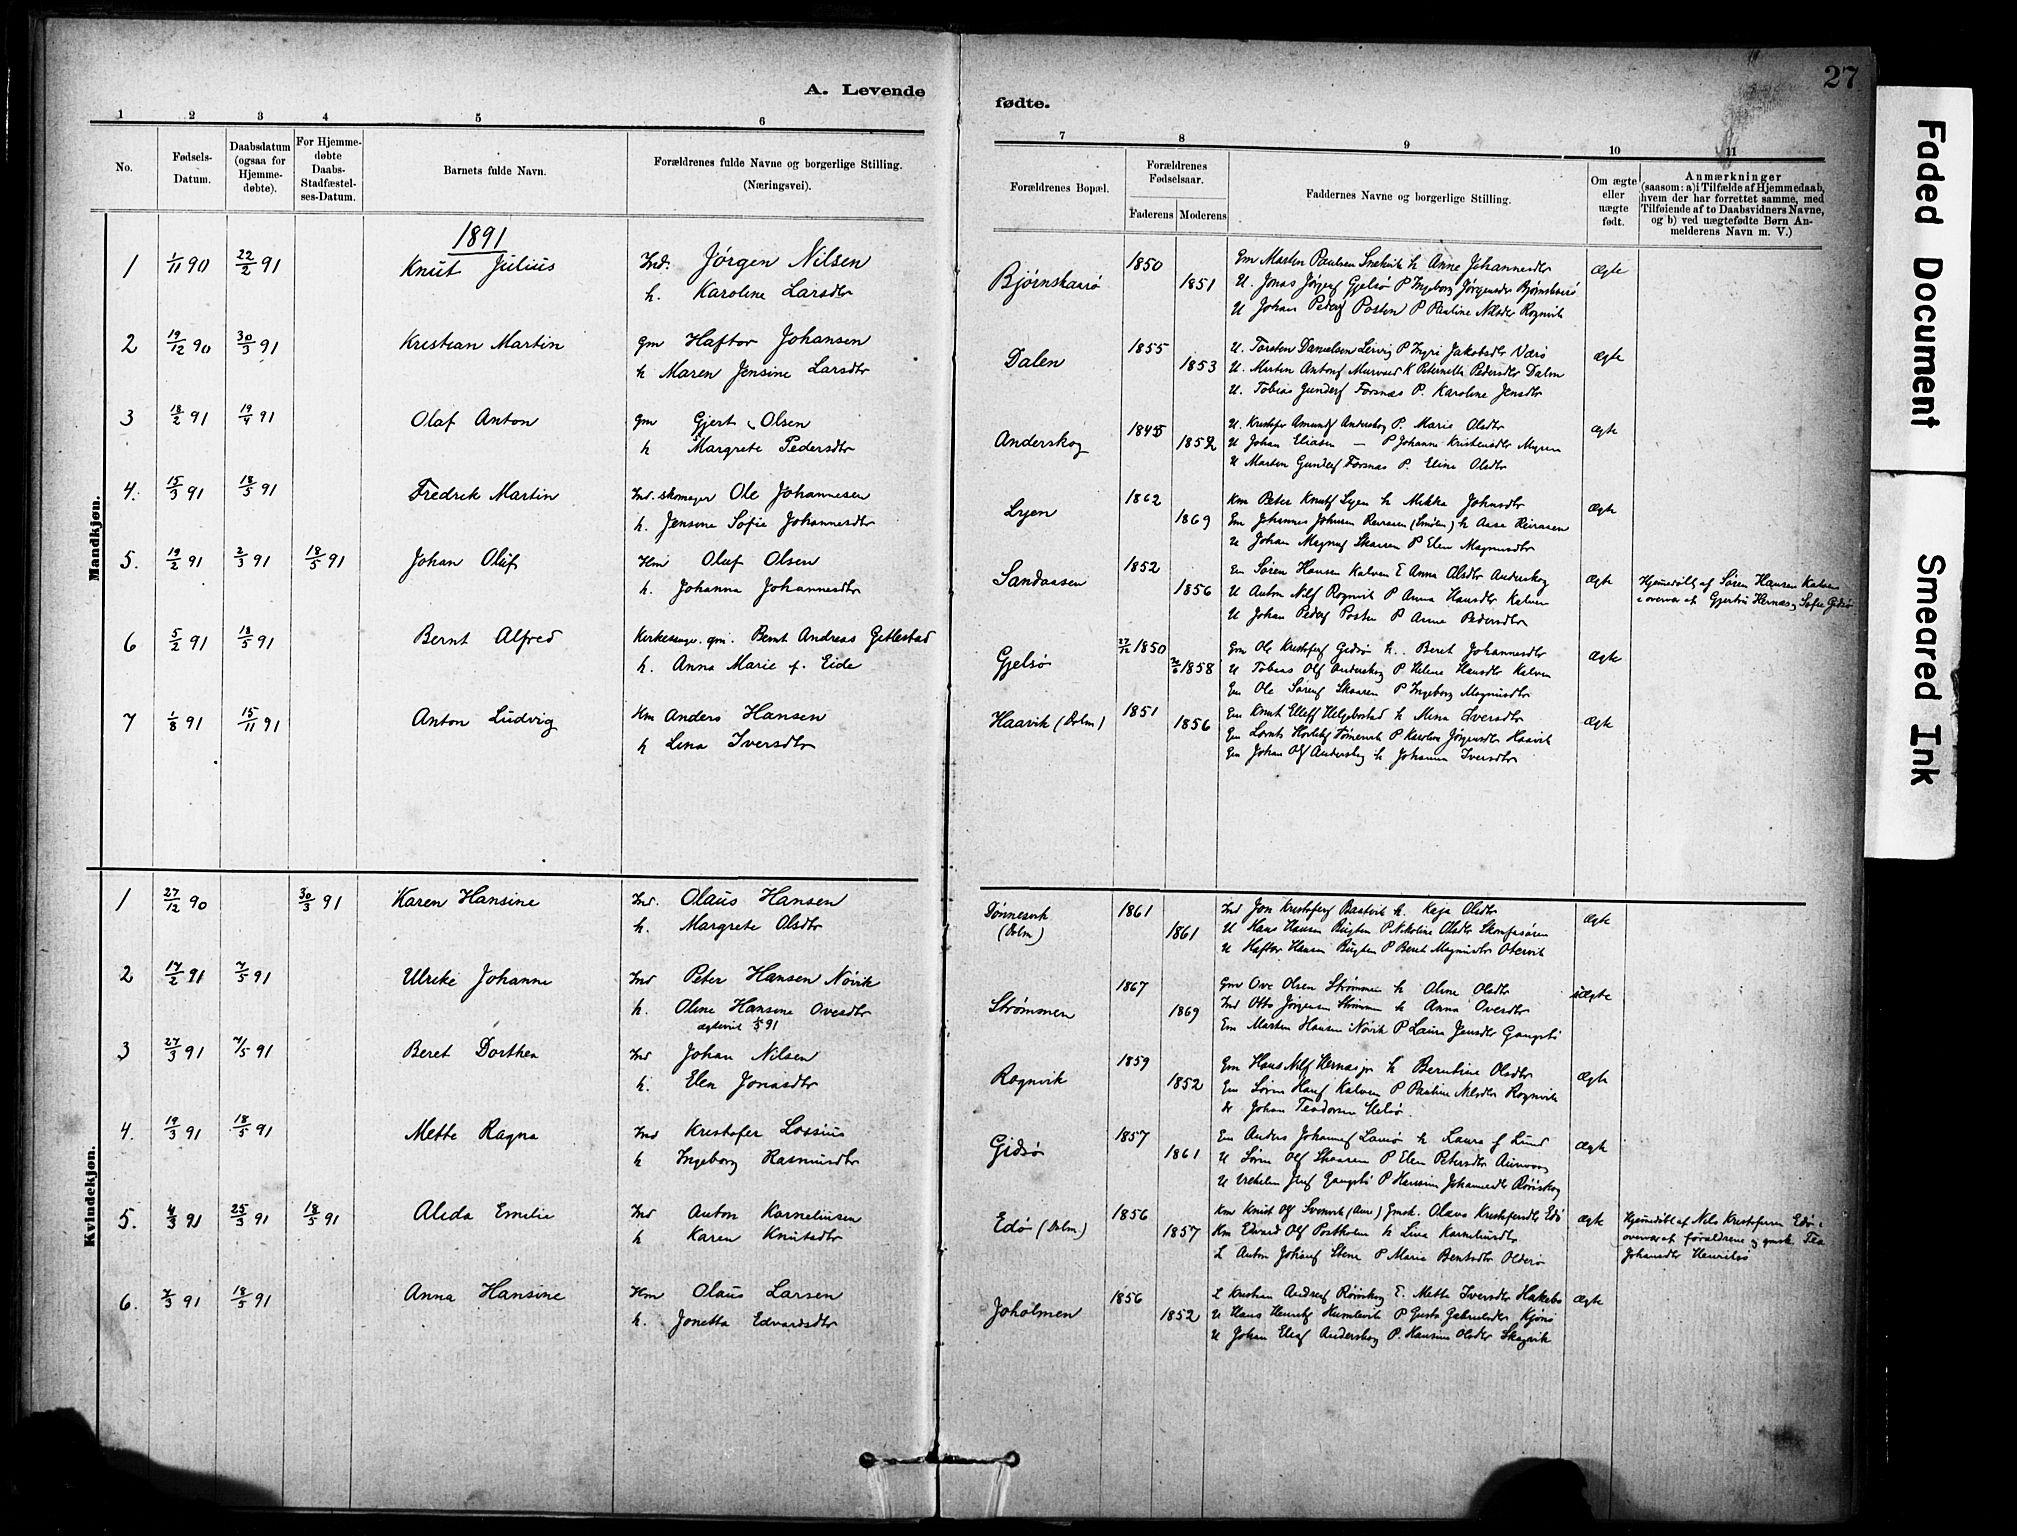 SAT, Ministerialprotokoller, klokkerbøker og fødselsregistre - Sør-Trøndelag, 635/L0551: Ministerialbok nr. 635A01, 1882-1899, s. 27